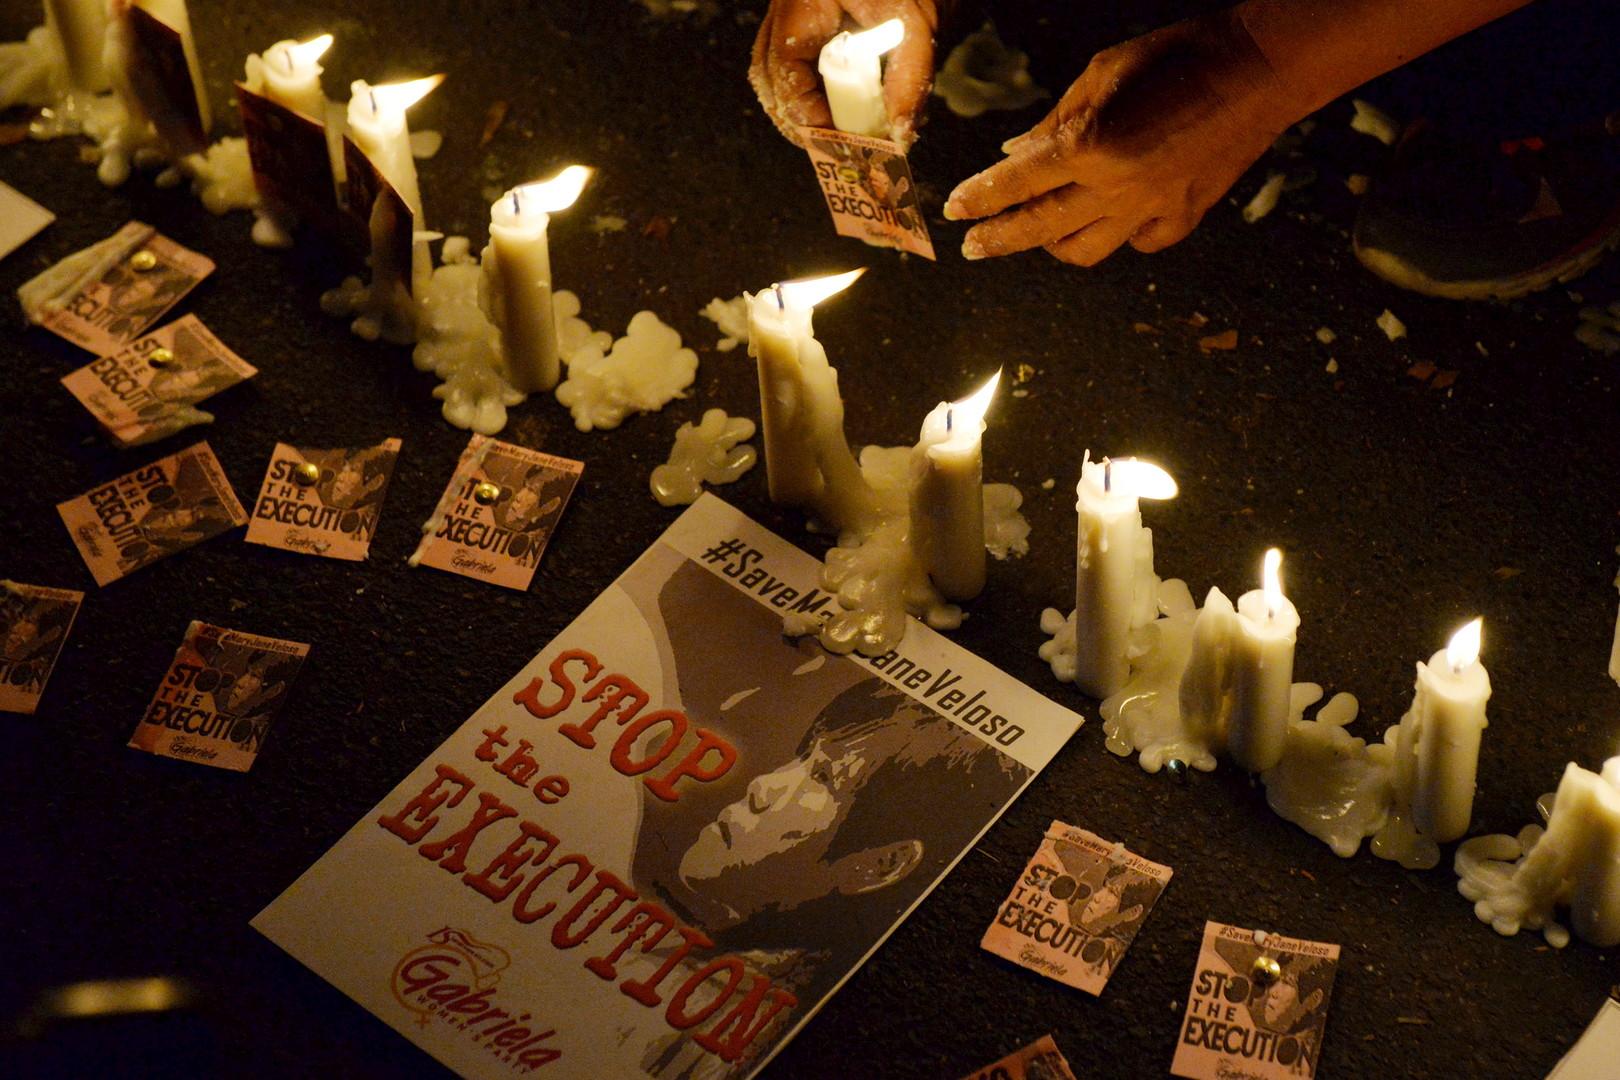 L'Indonésie a exécuté huit condamnés à mort, Atlaoui attend toujours d'être fixé sur son sort